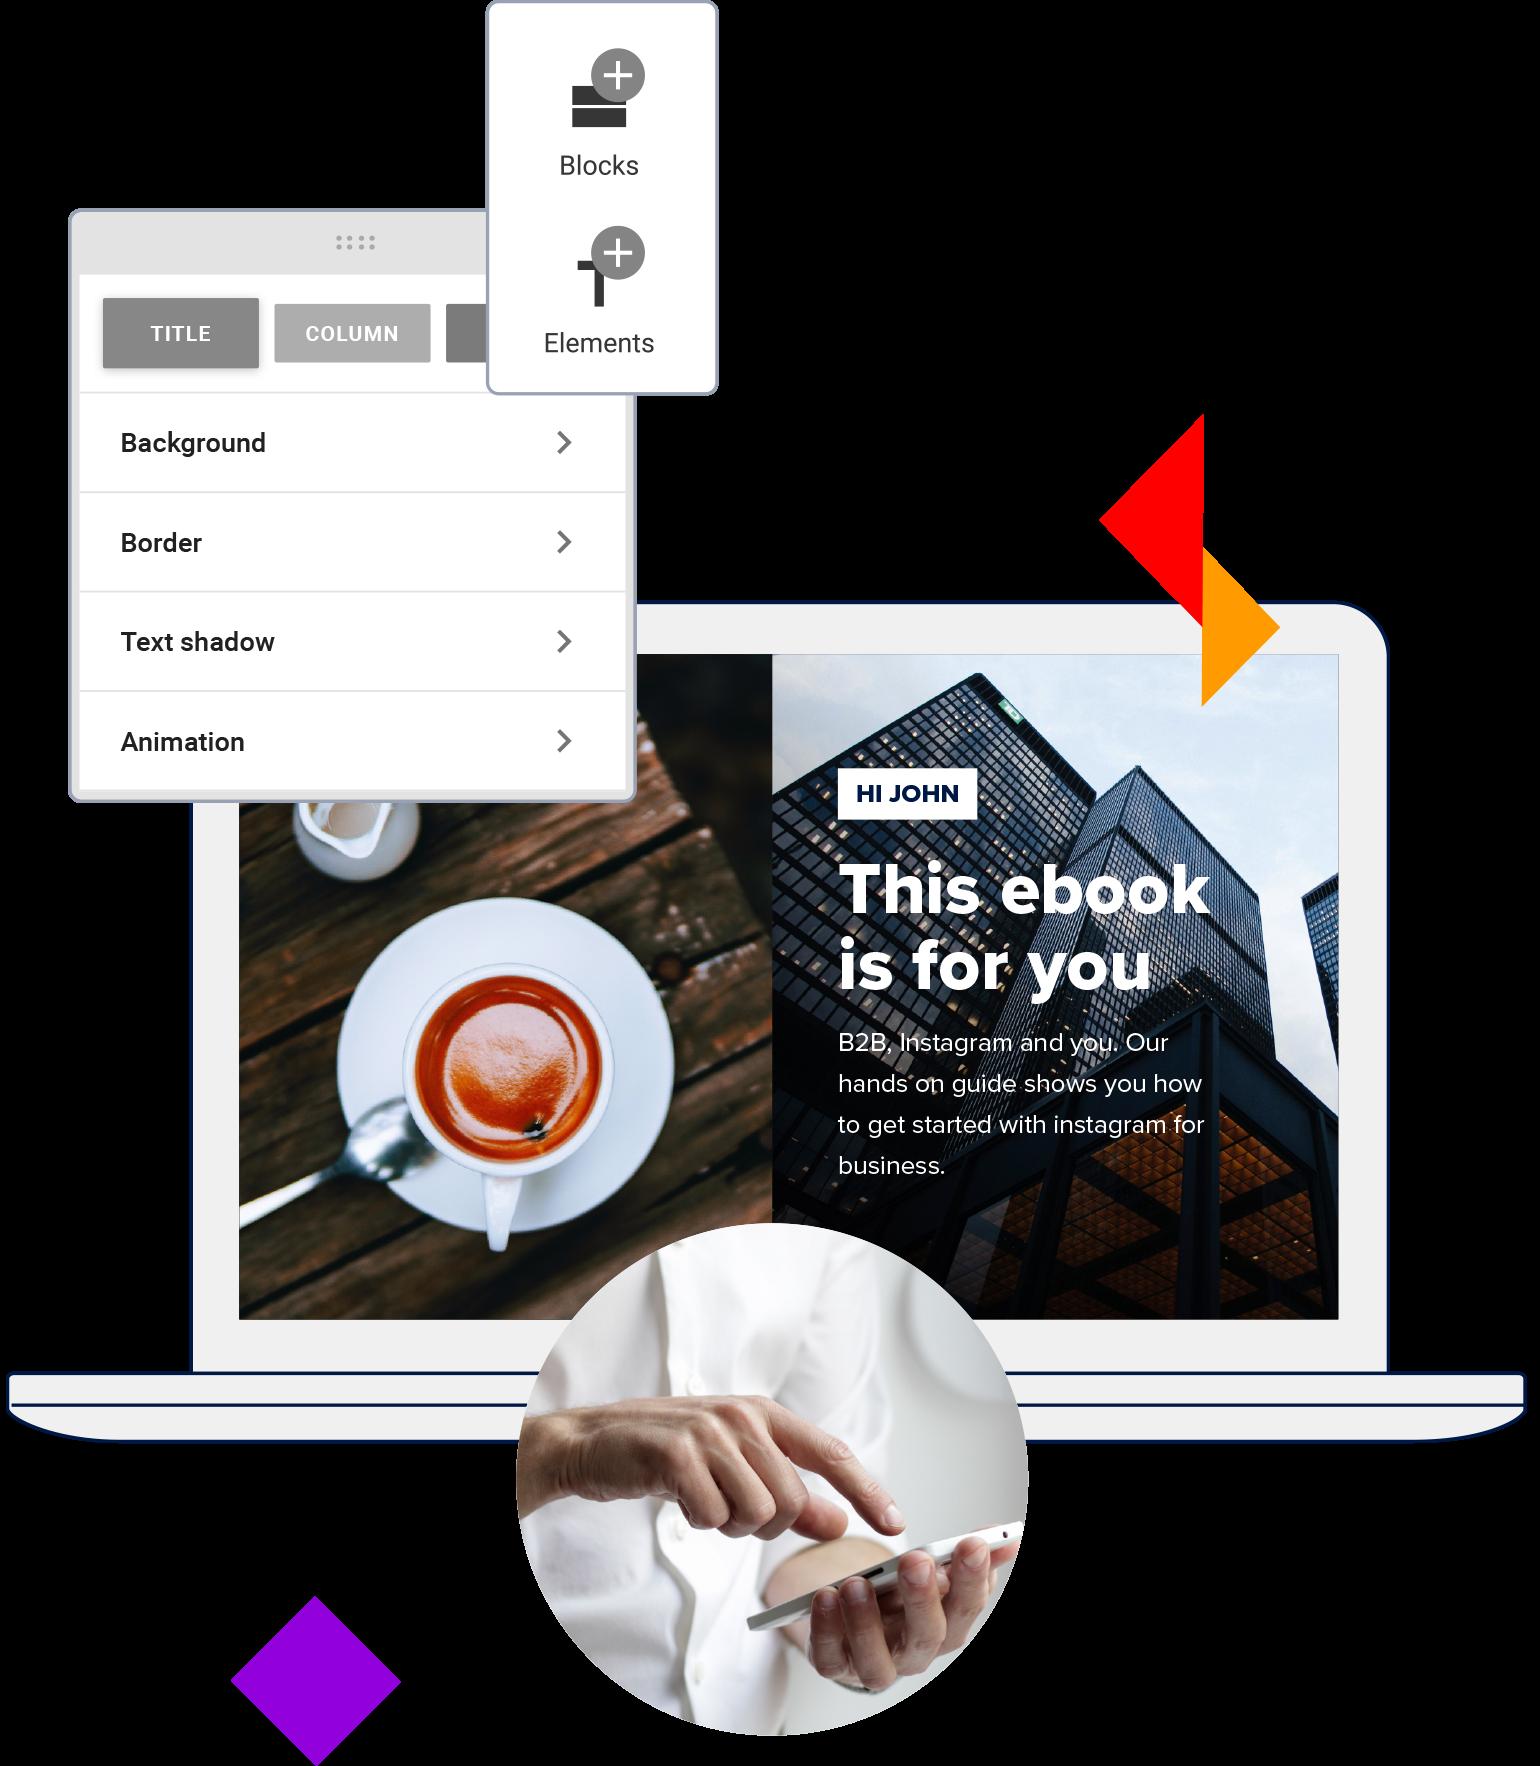 4-Account-based-marketing-1